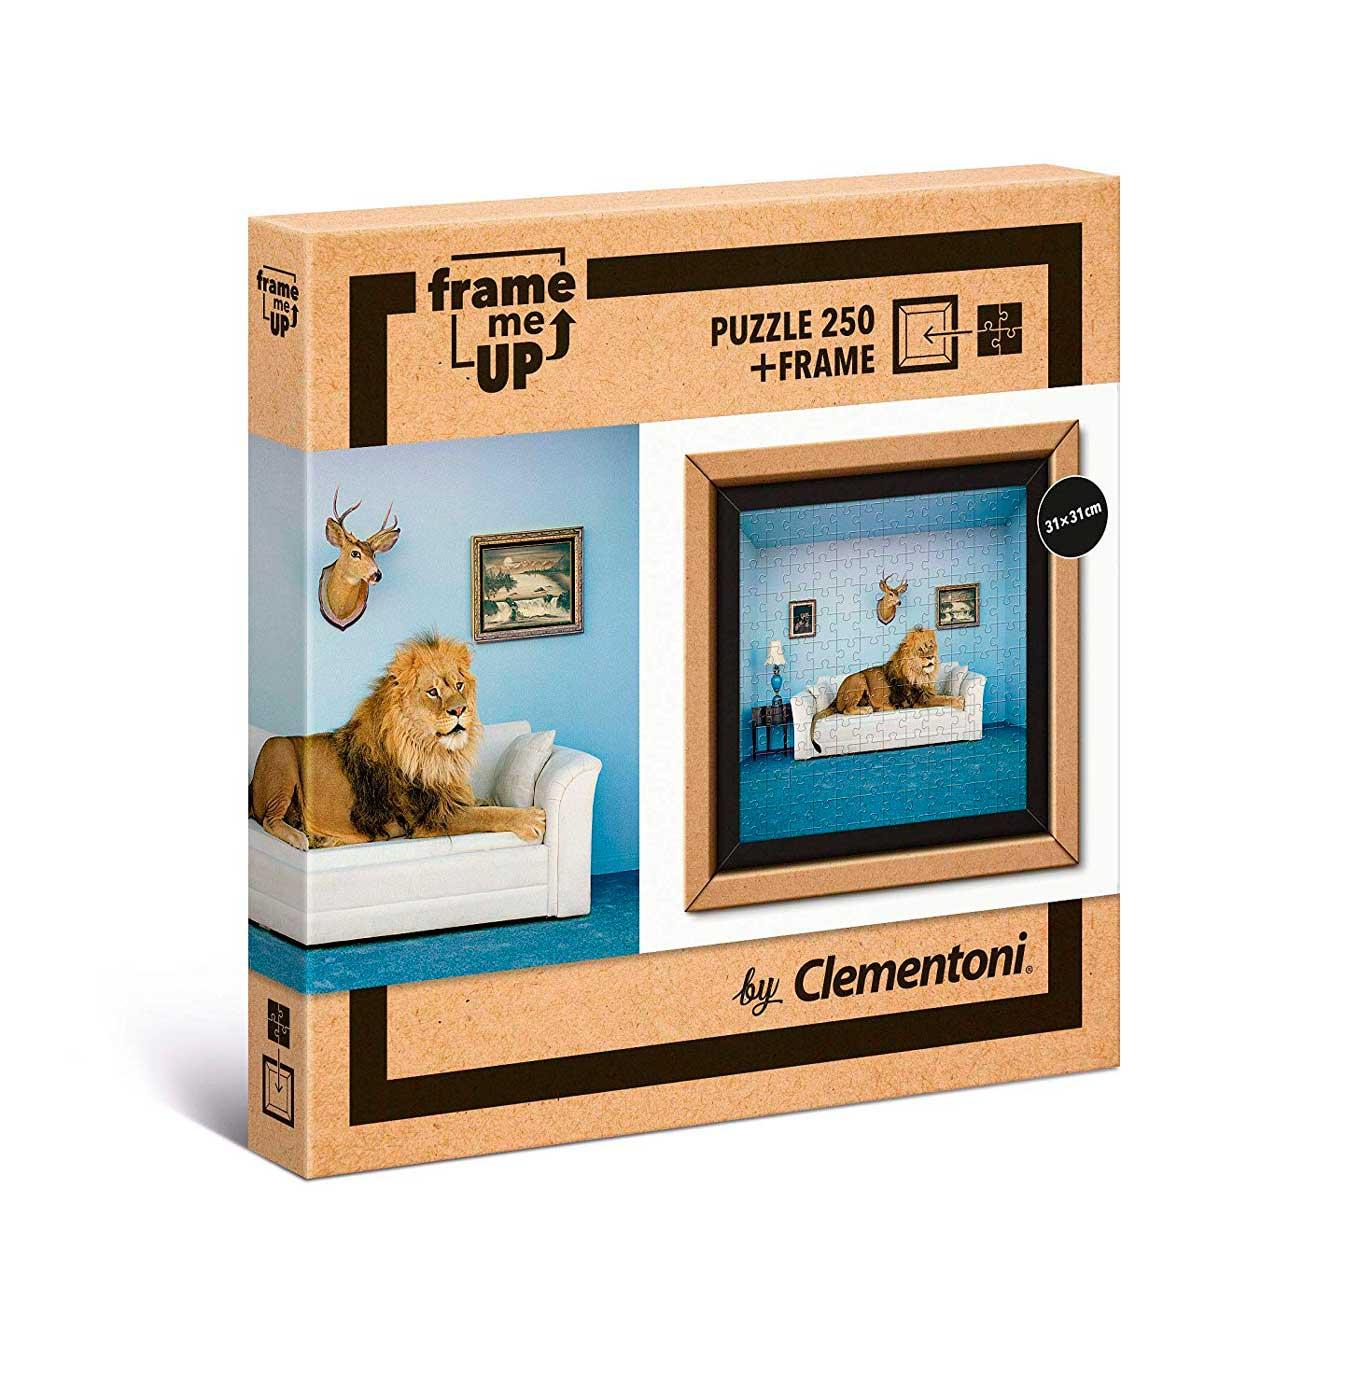 Puzzle Clementoni Frame Me Up Hogar Salvaje de 250 Pzs